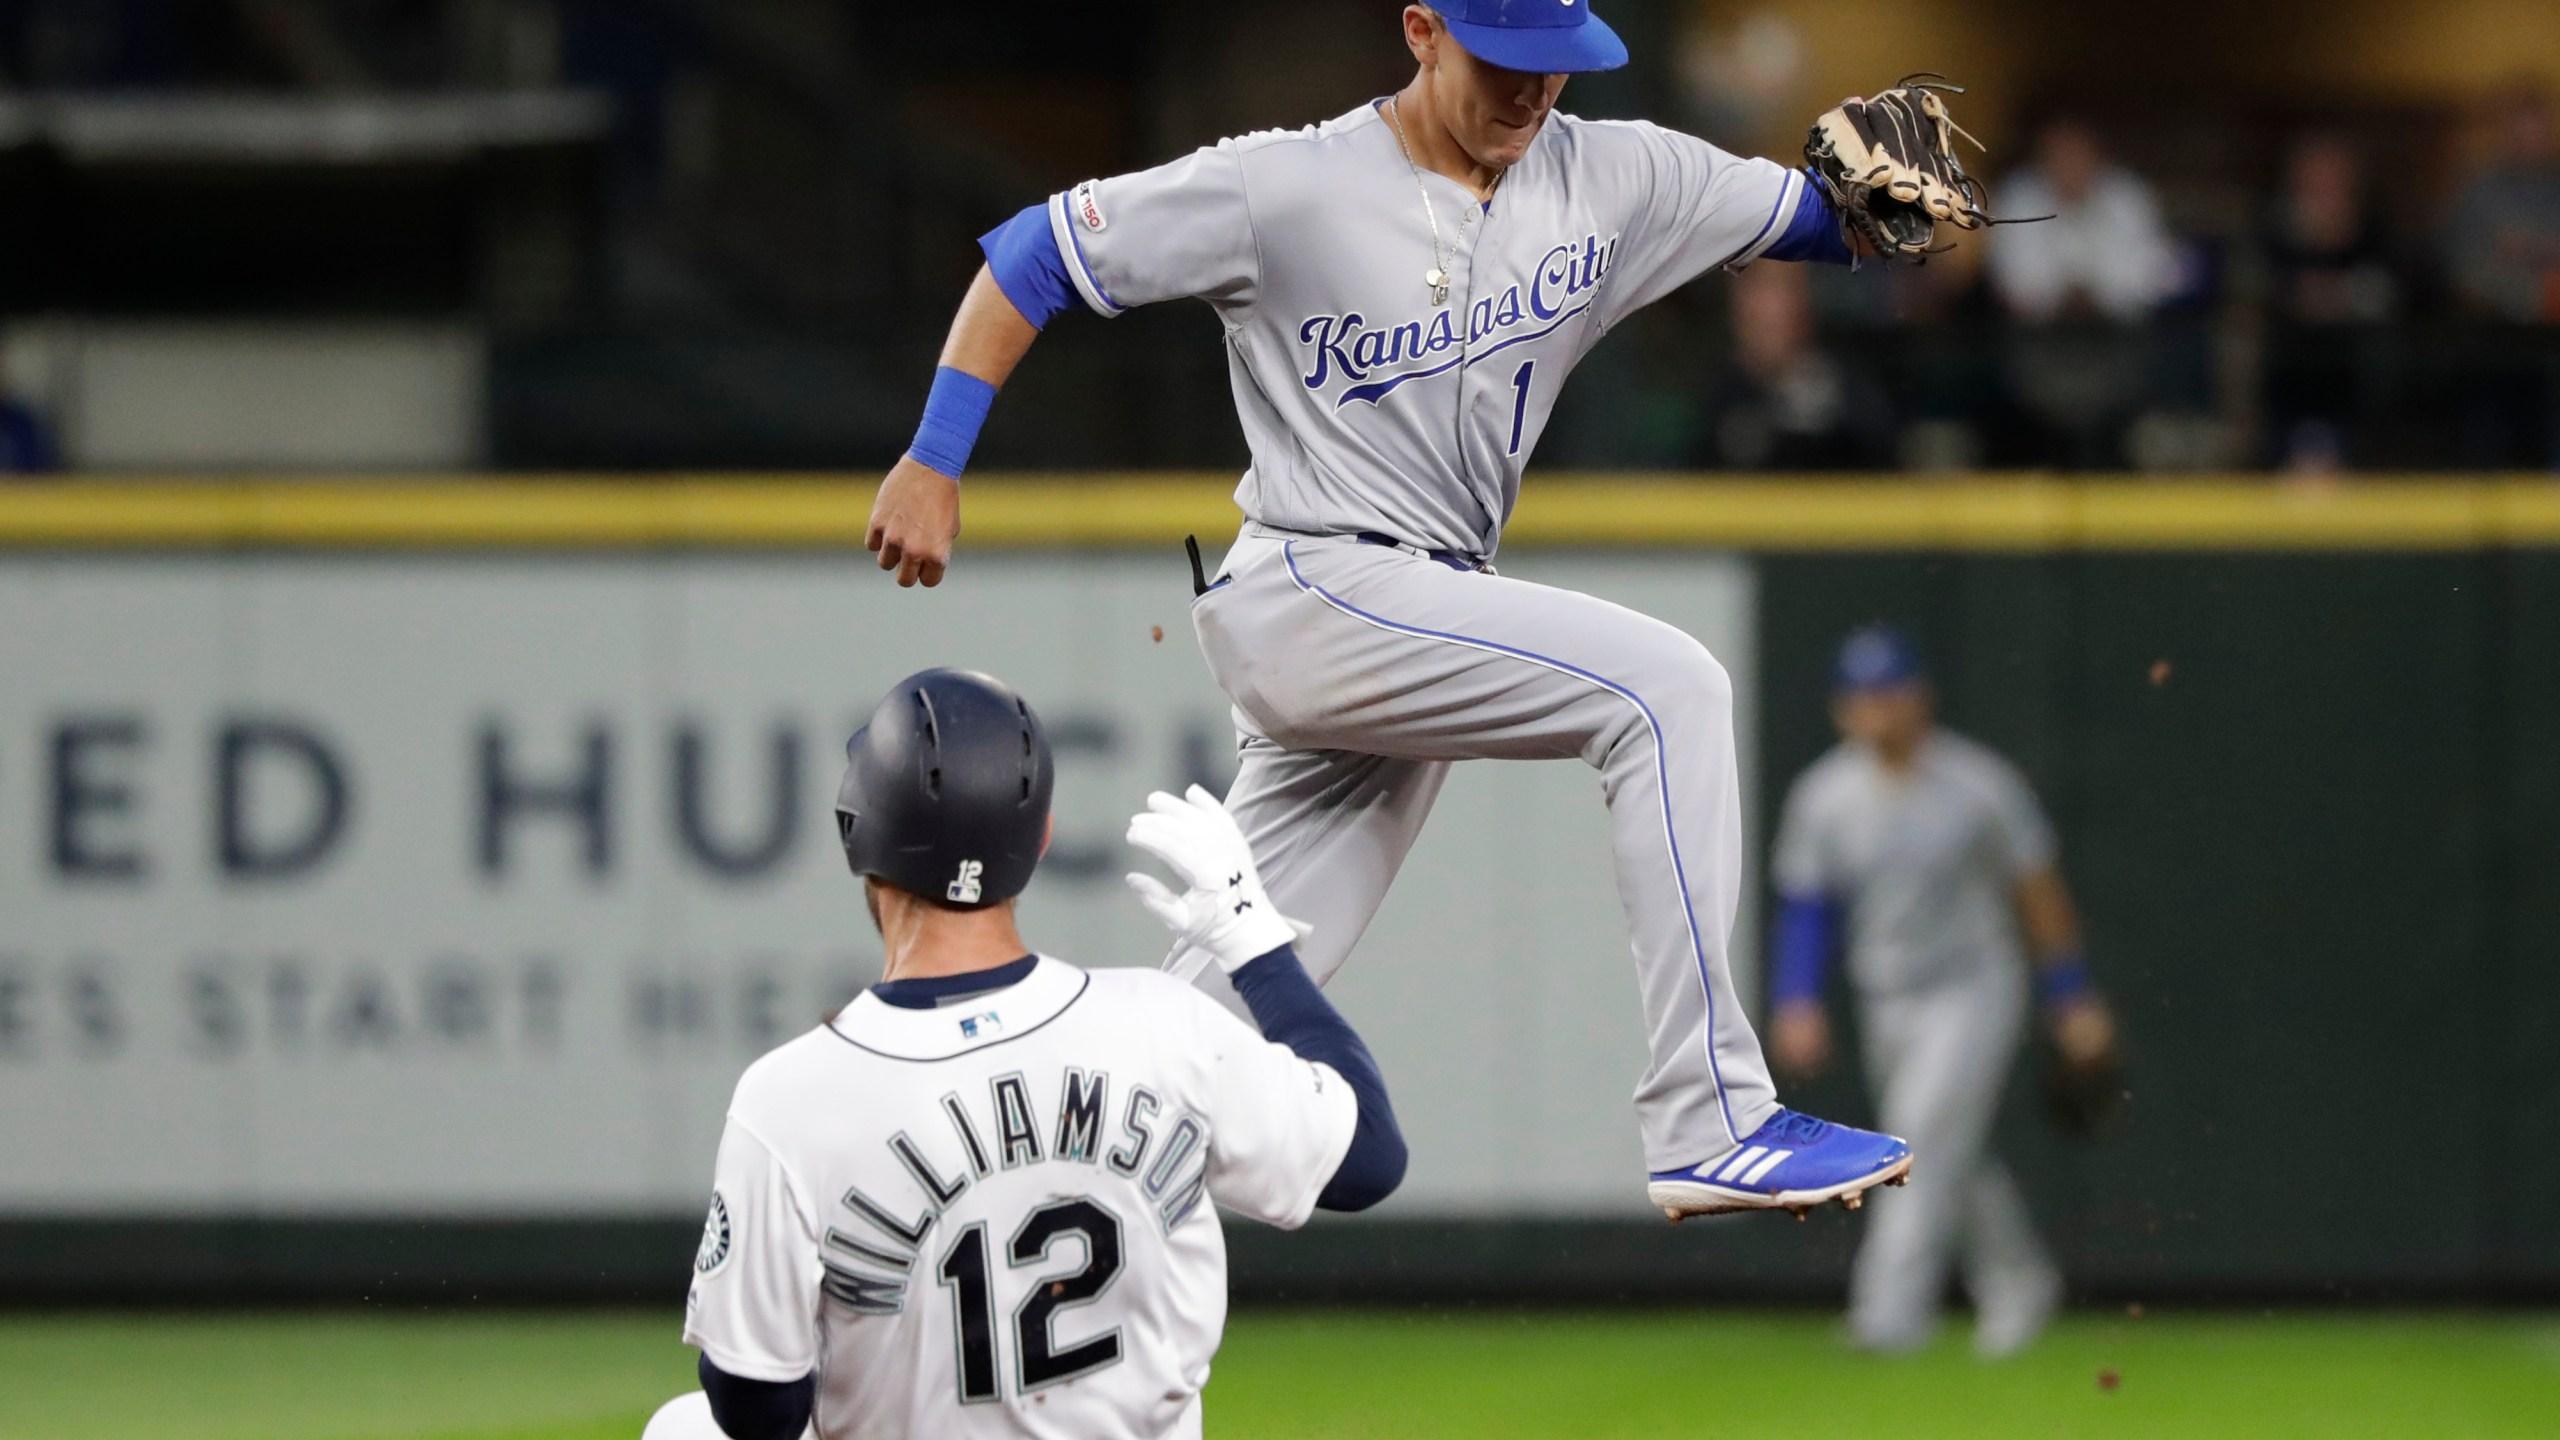 Royals_Mariners_Baseball_23285-159532.jpg51520957